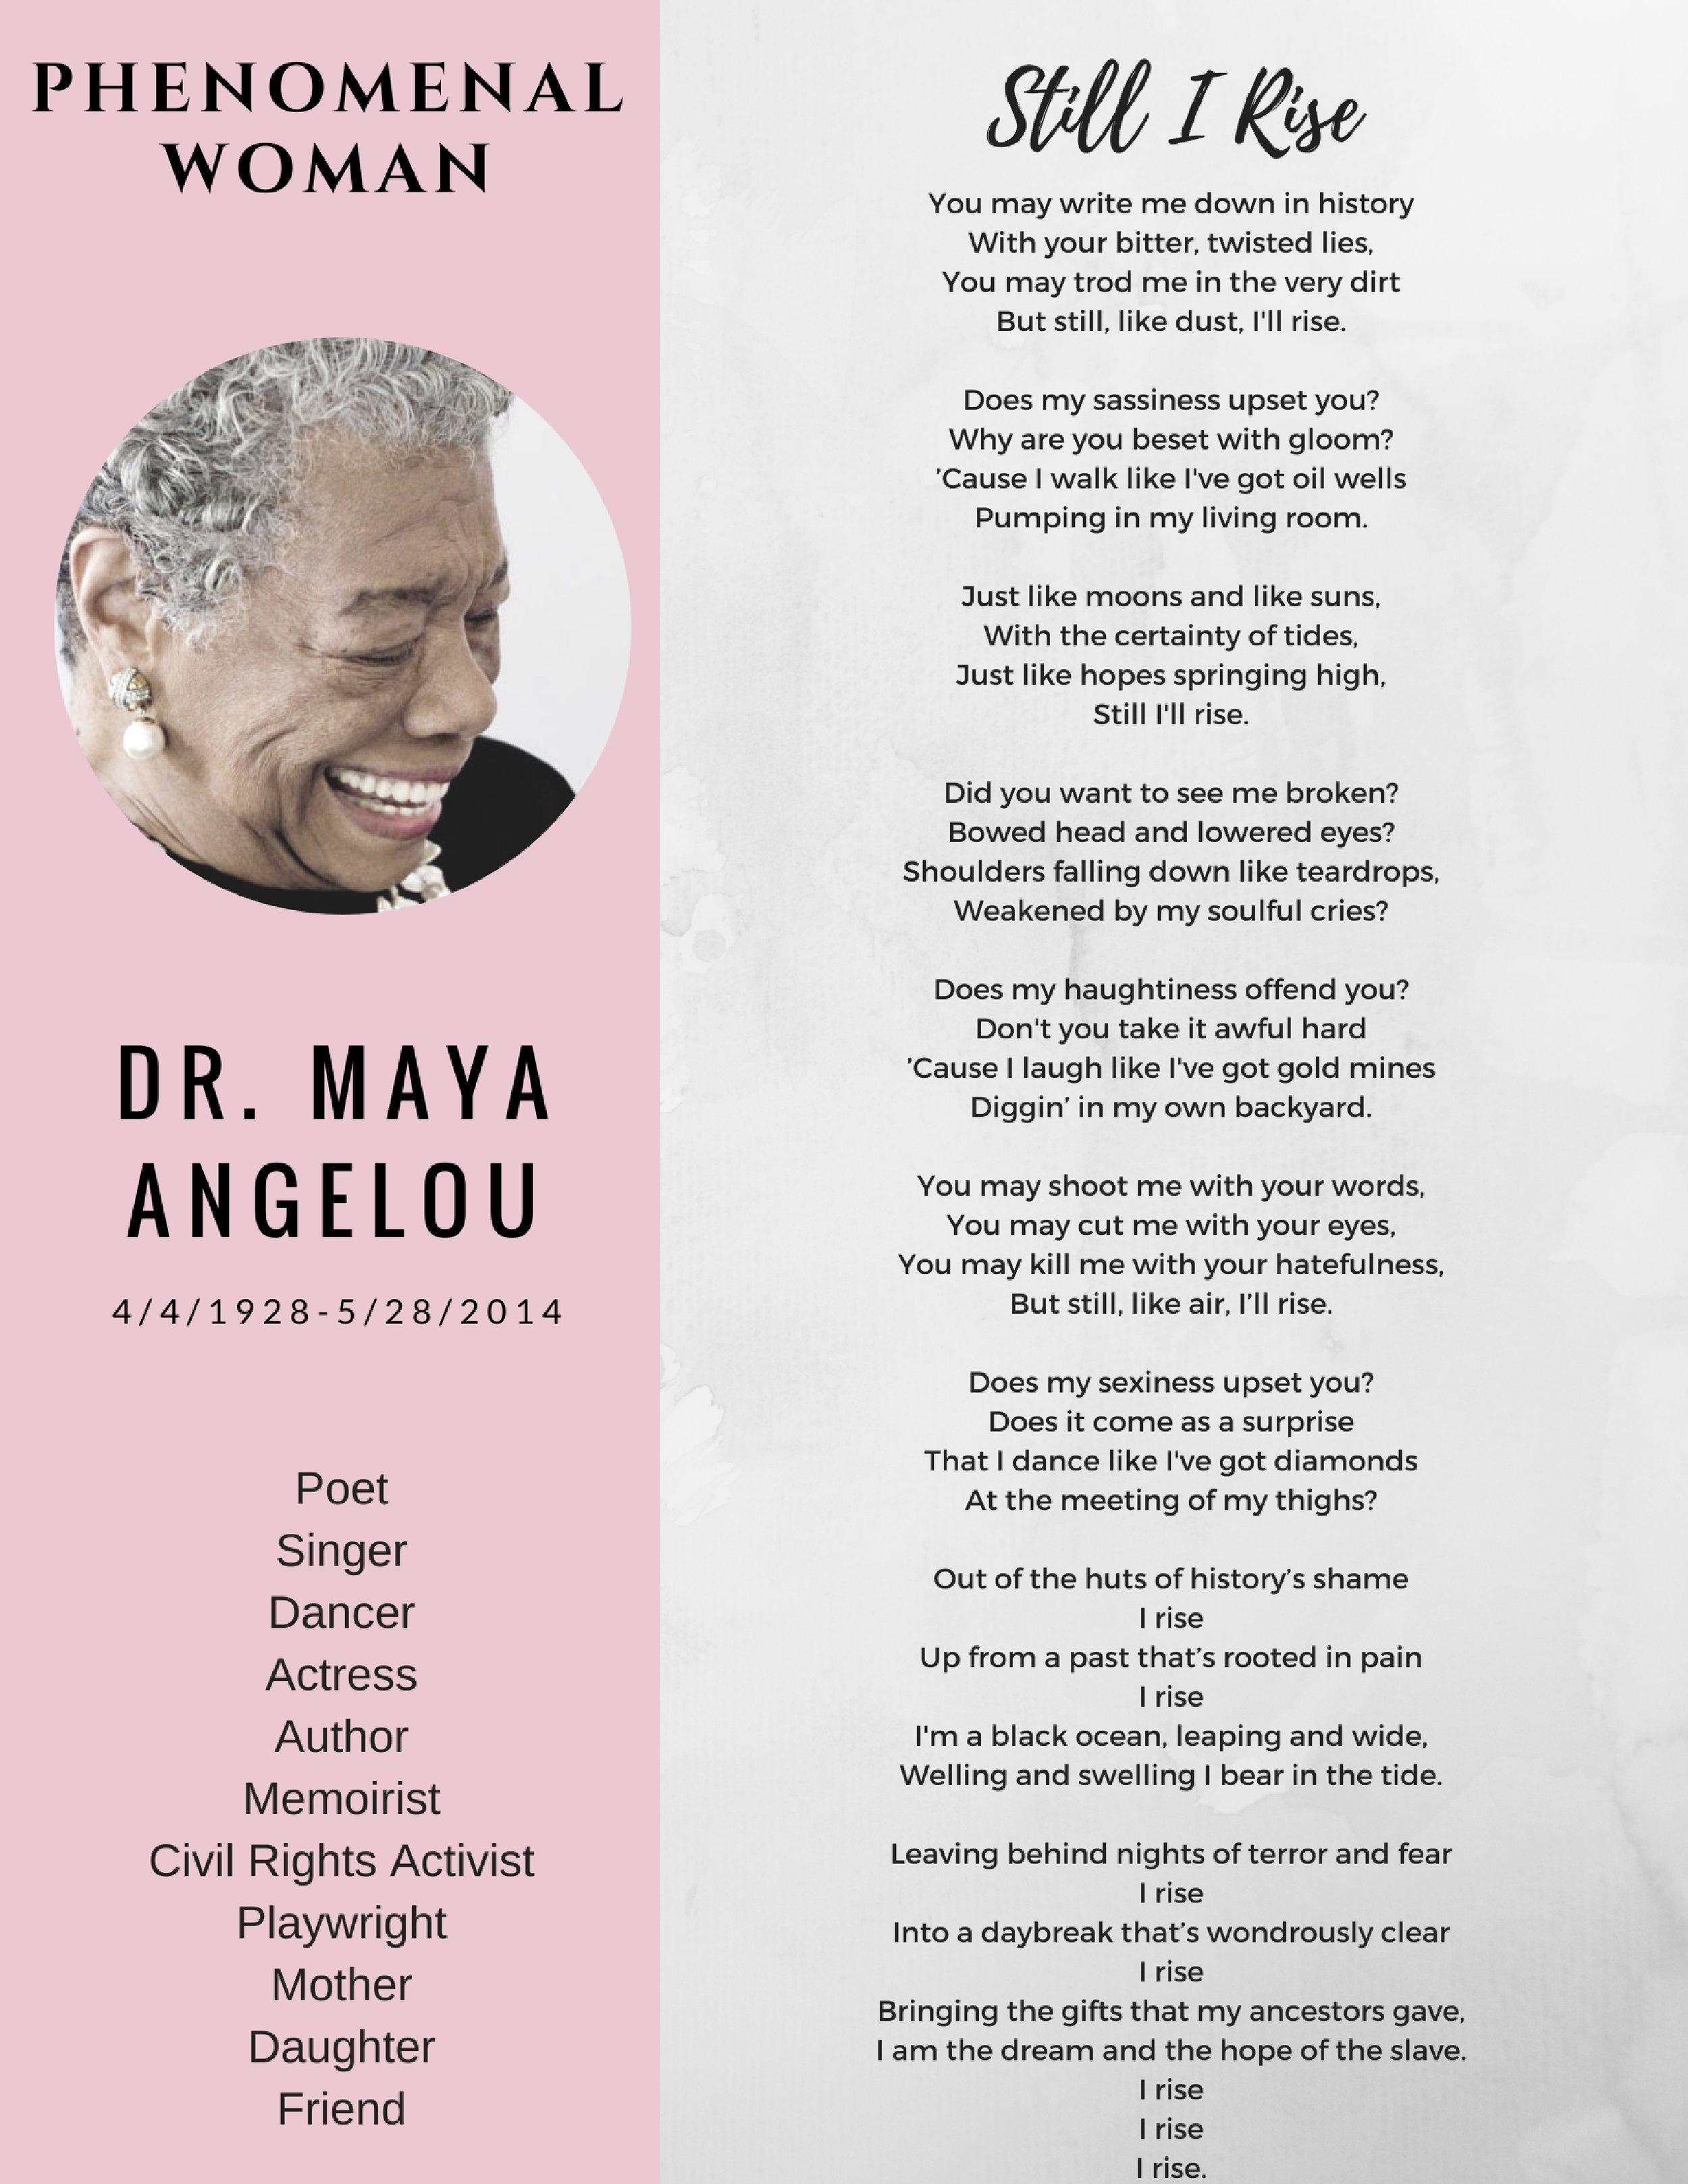 DR. MAYA ANGELOU.jpg